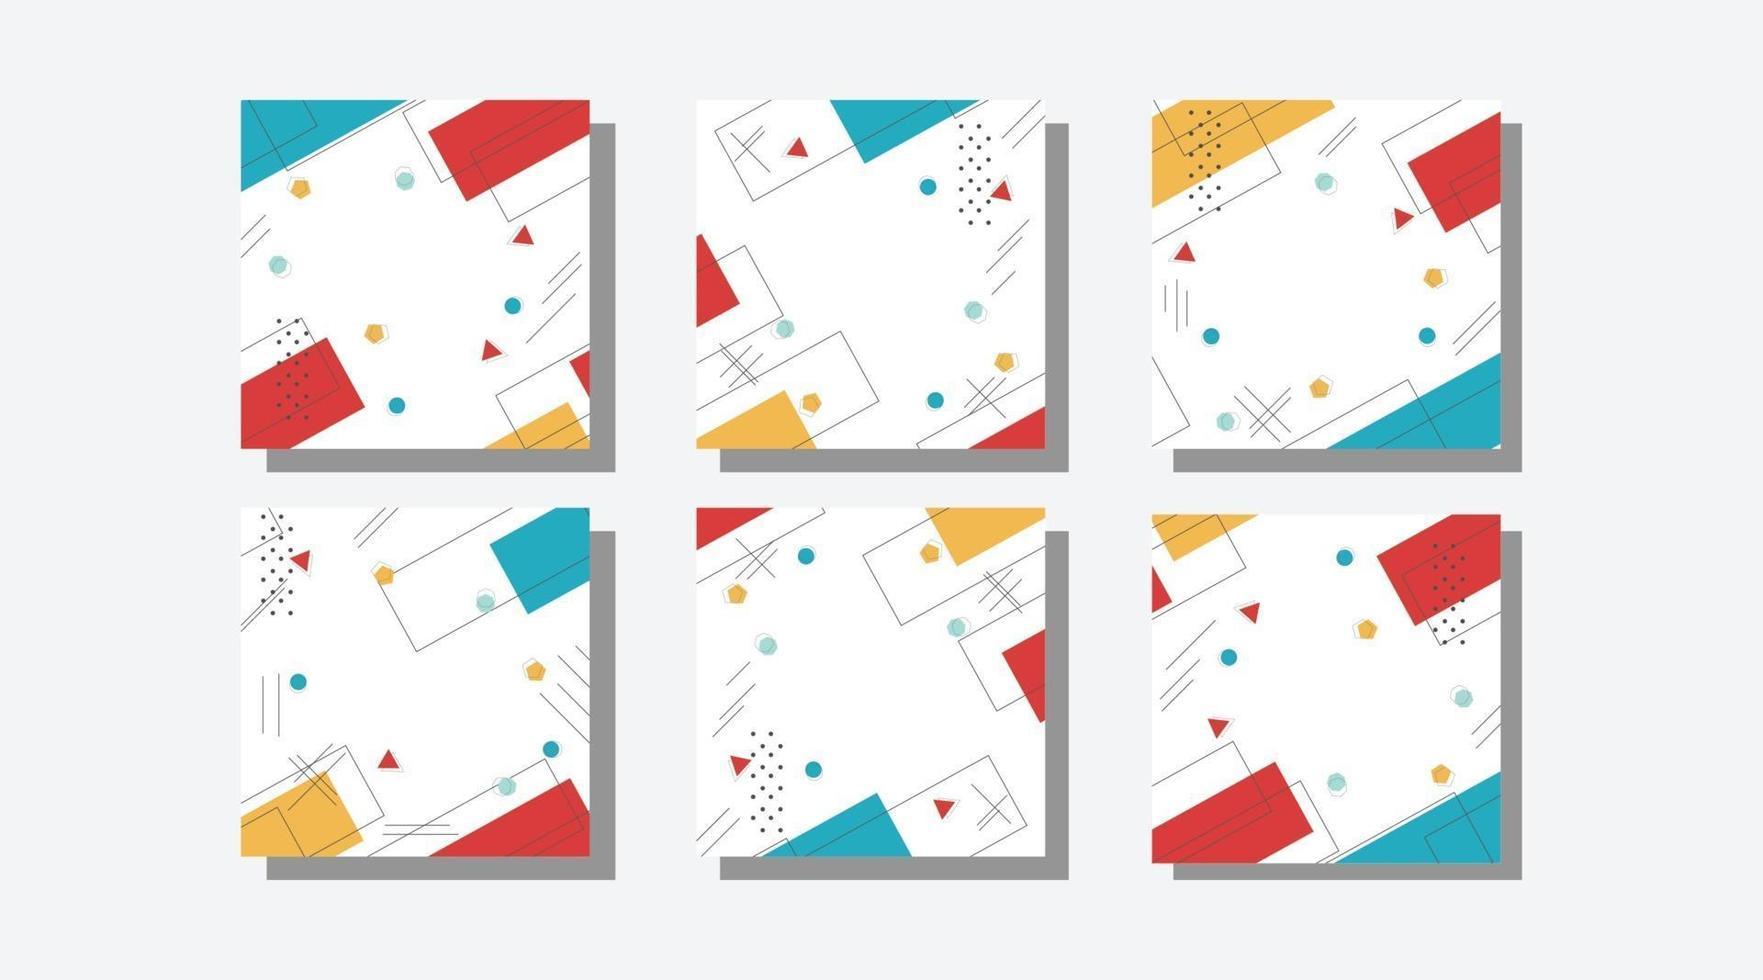 vecteur abstrait en-tête et fond de bannière. modèle de conception Web d'entreprise. peut utiliser pour la page de destination, la couverture, le dépliant, les médias sociaux, etc.